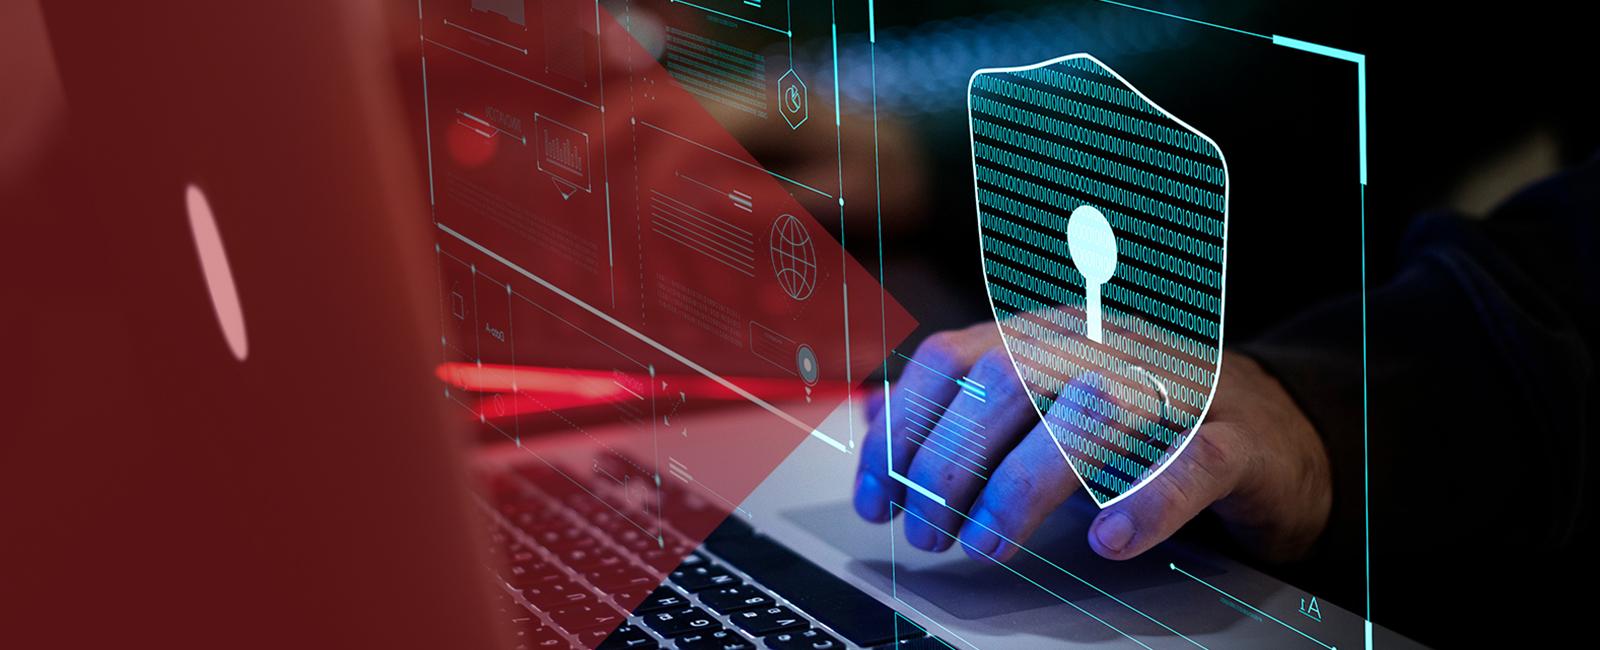 cybersécurité - Administrateur infrastructures sécurisées